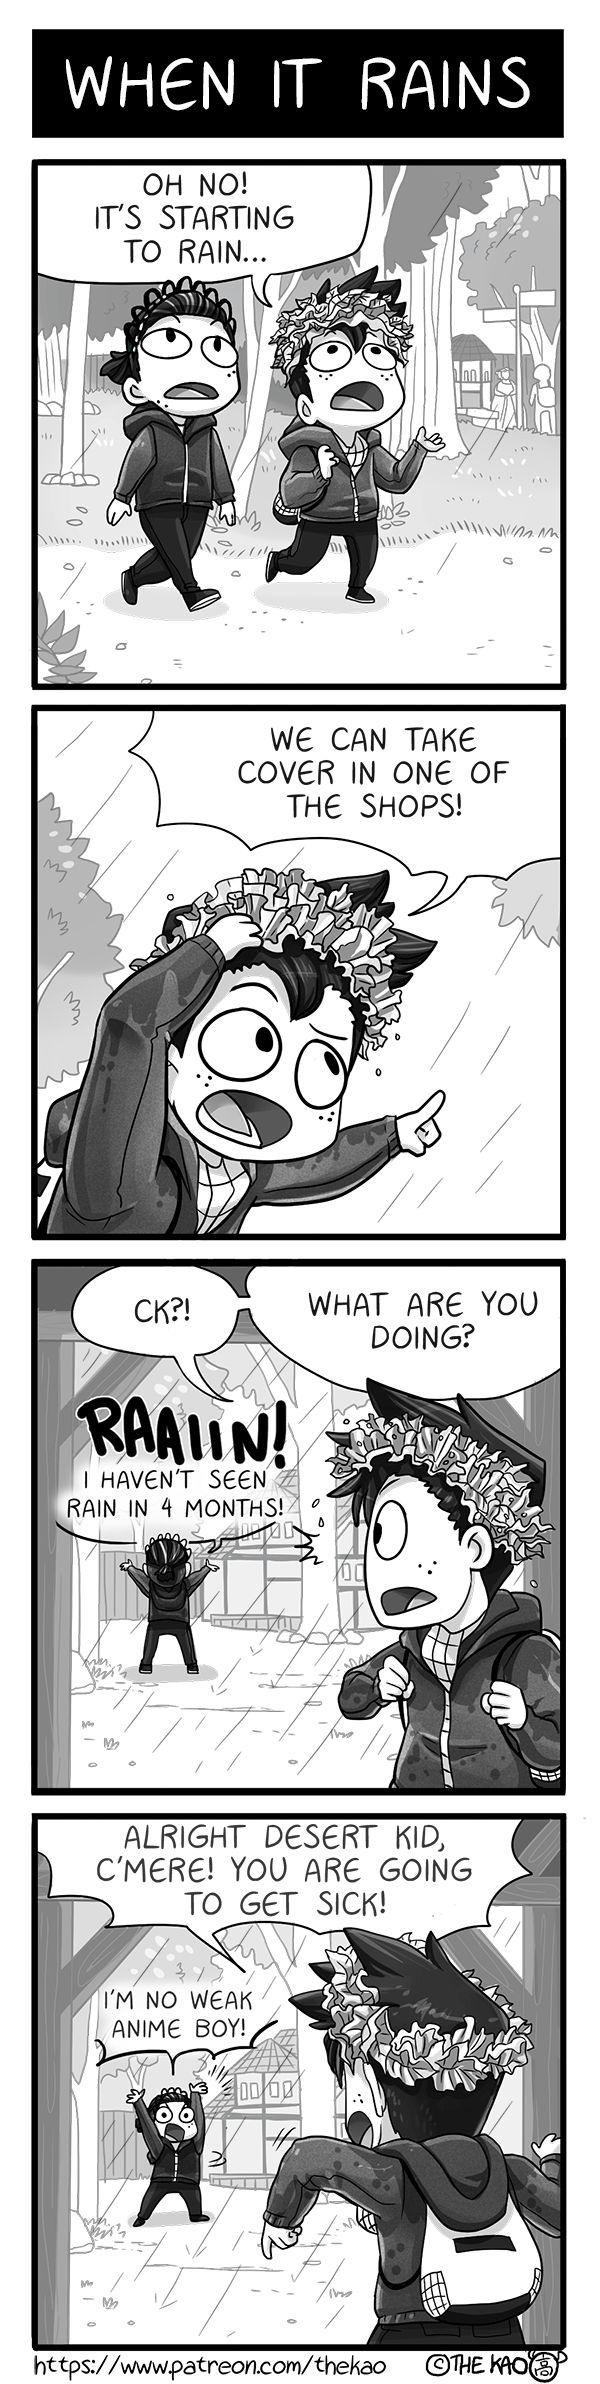 When It Rains - image